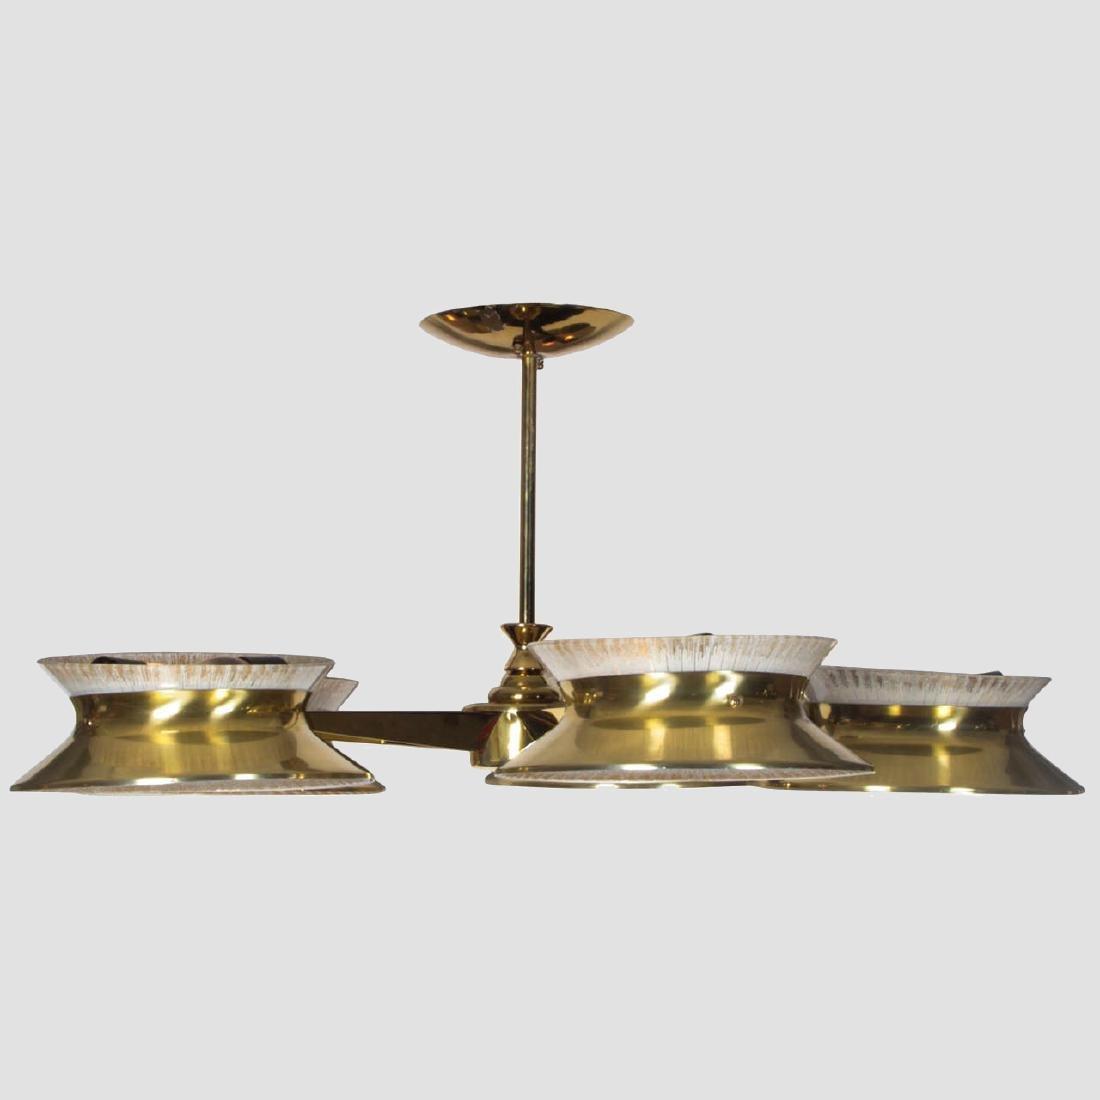 Five Arm Brass Chandelier by Lightolier